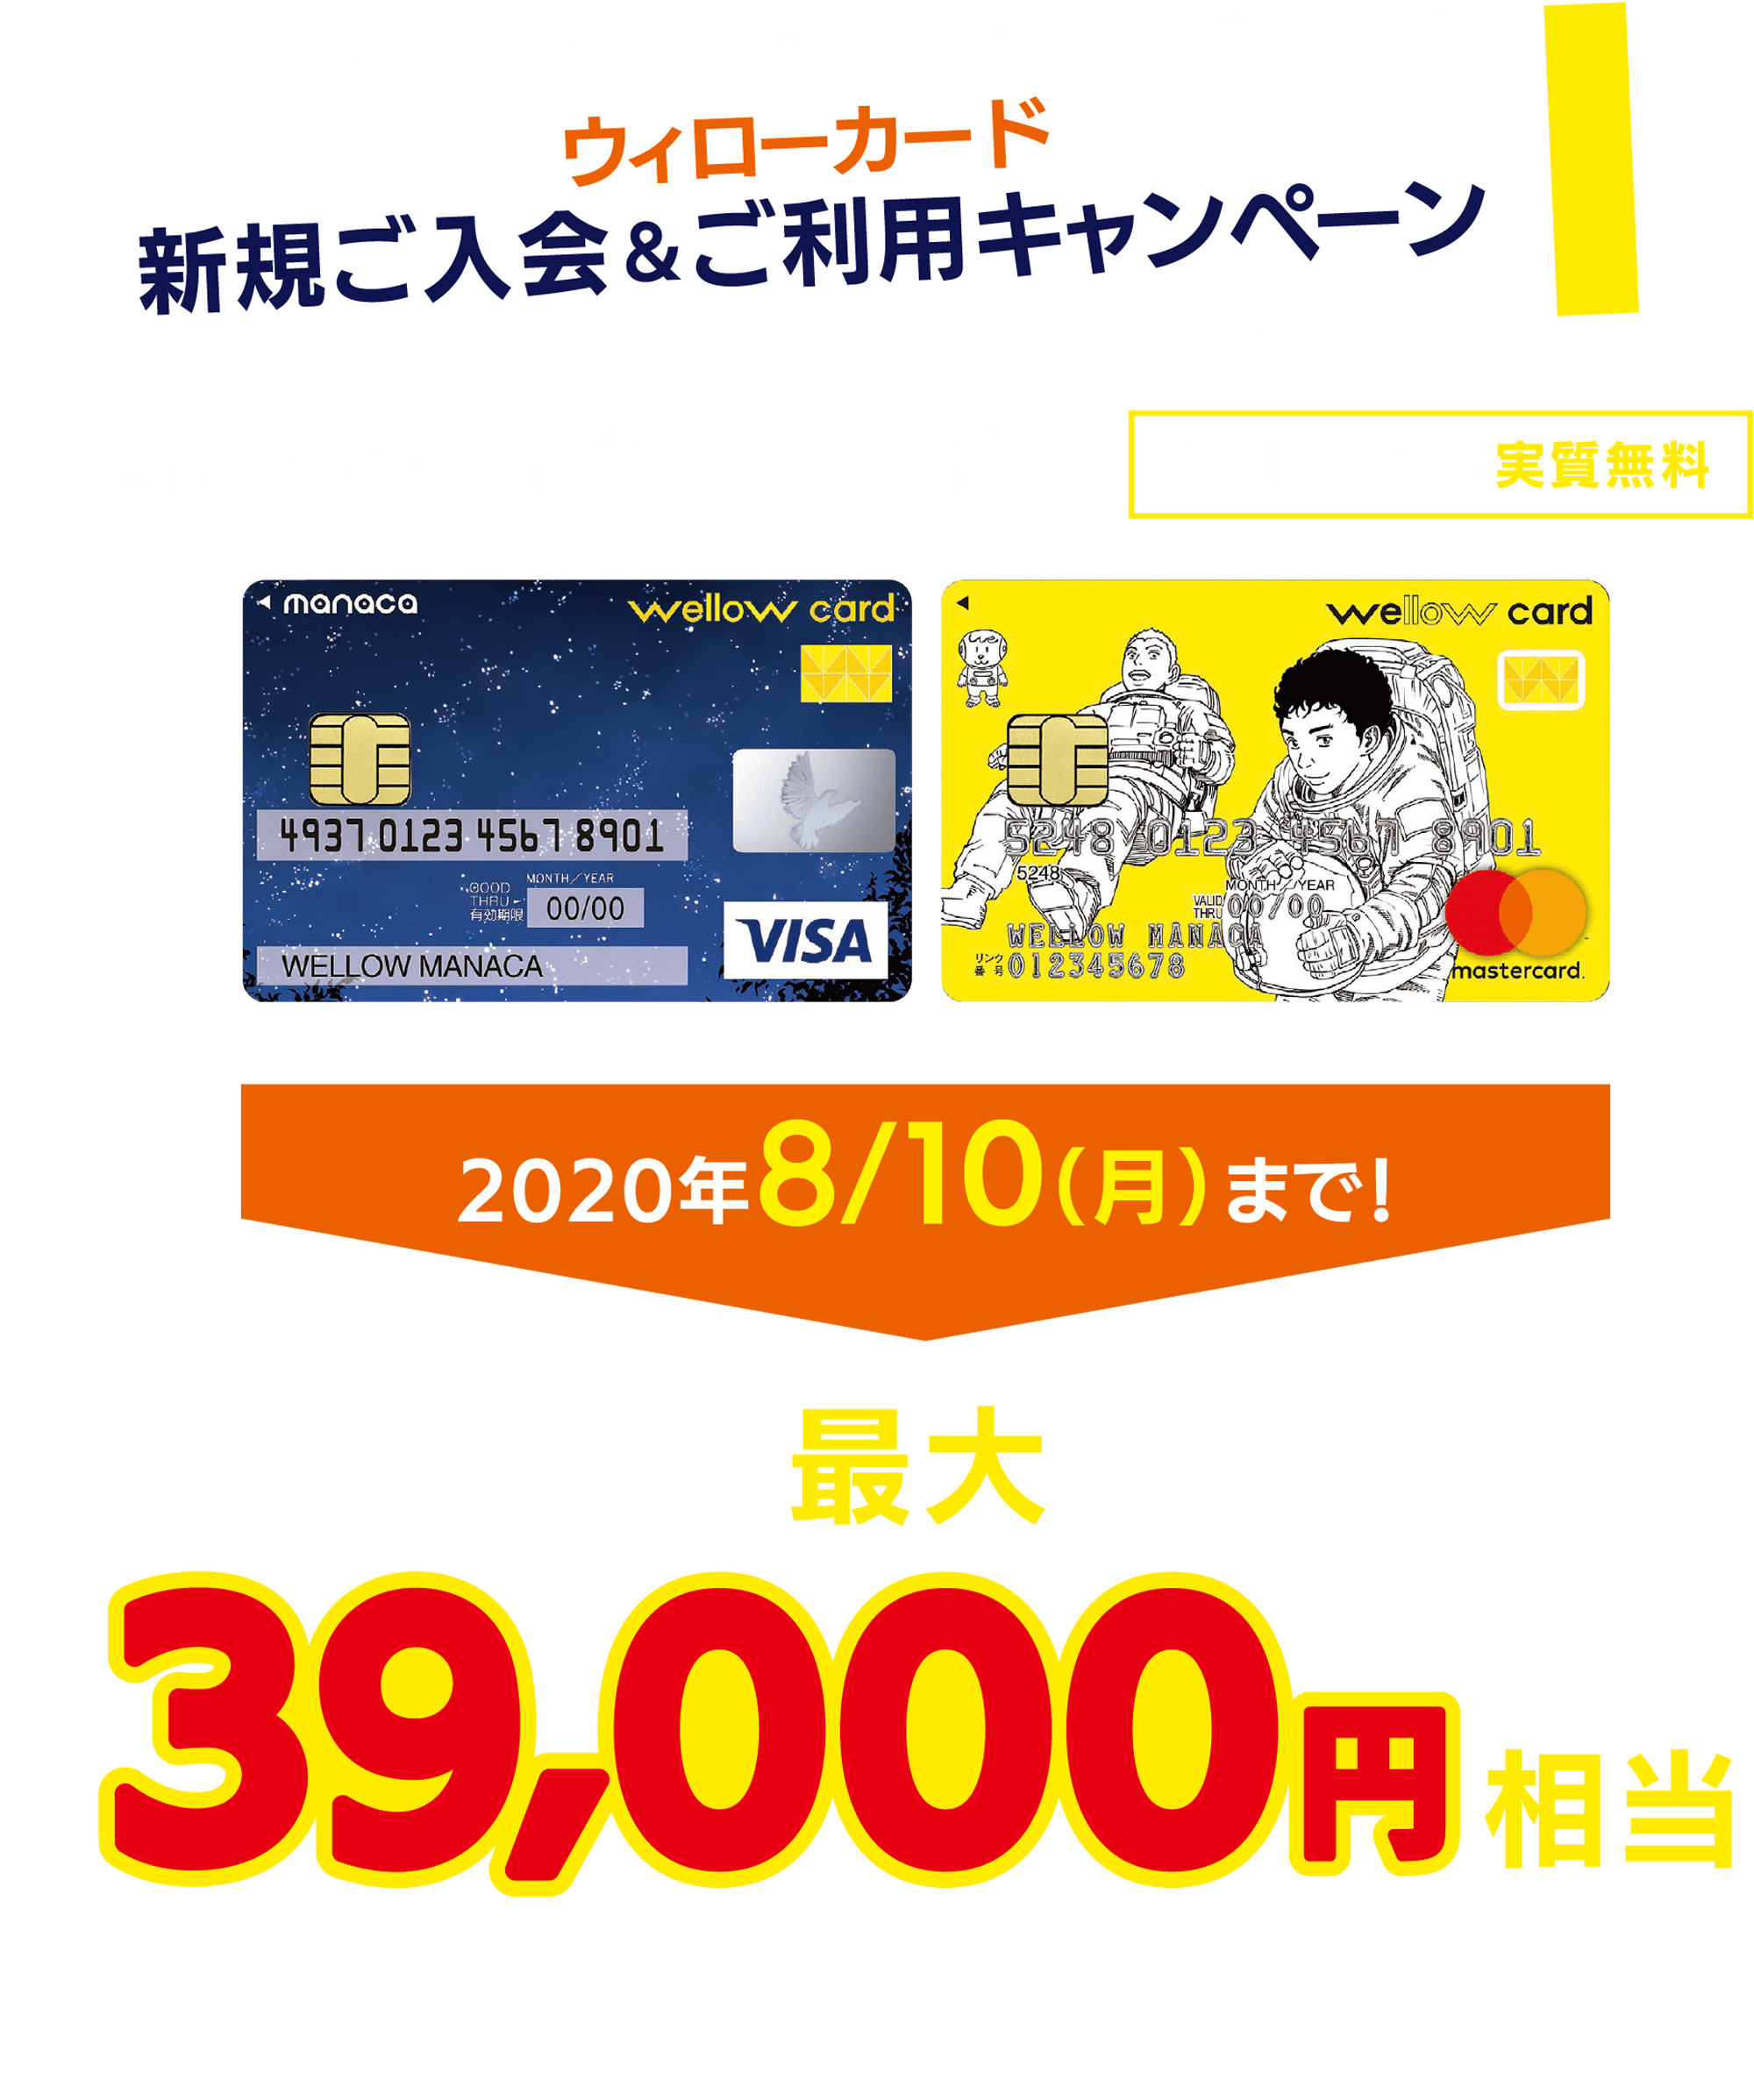 ウィローカード 新規ご入会&ご利用キャンペーン